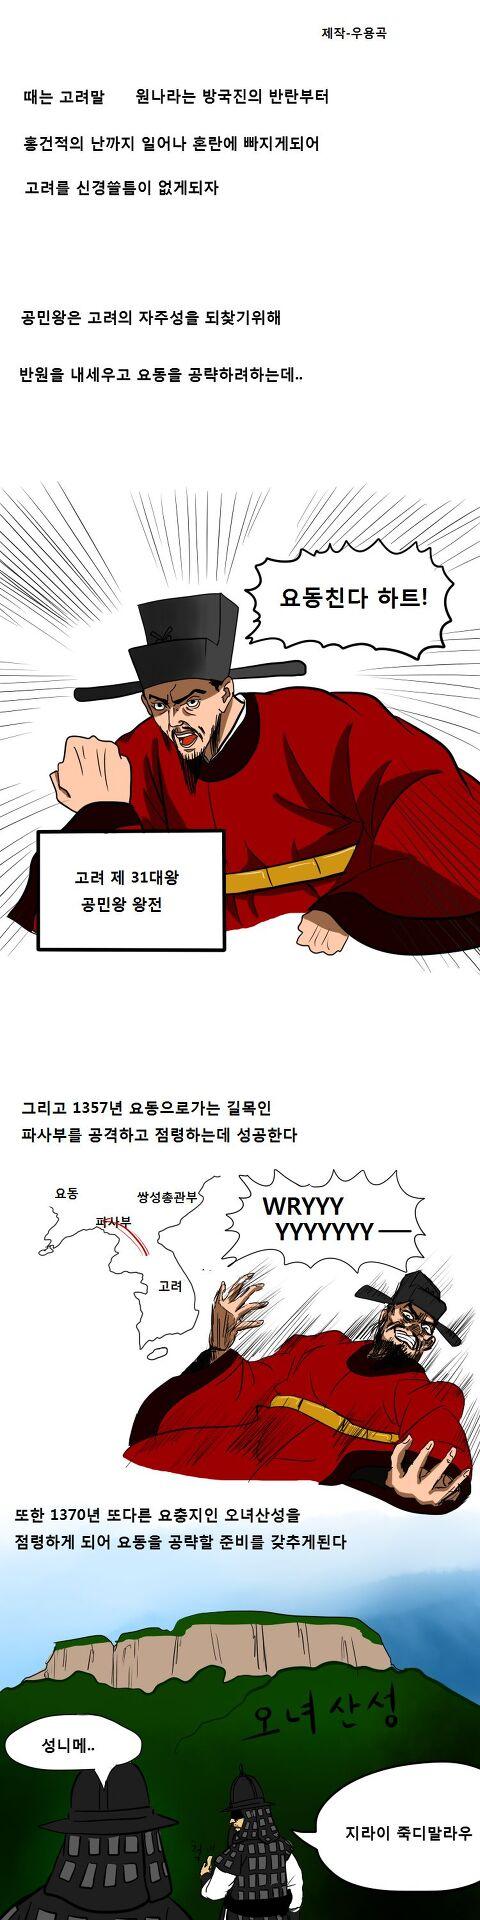 한국이 마지막으로 요동을 되찾은 날.jpg